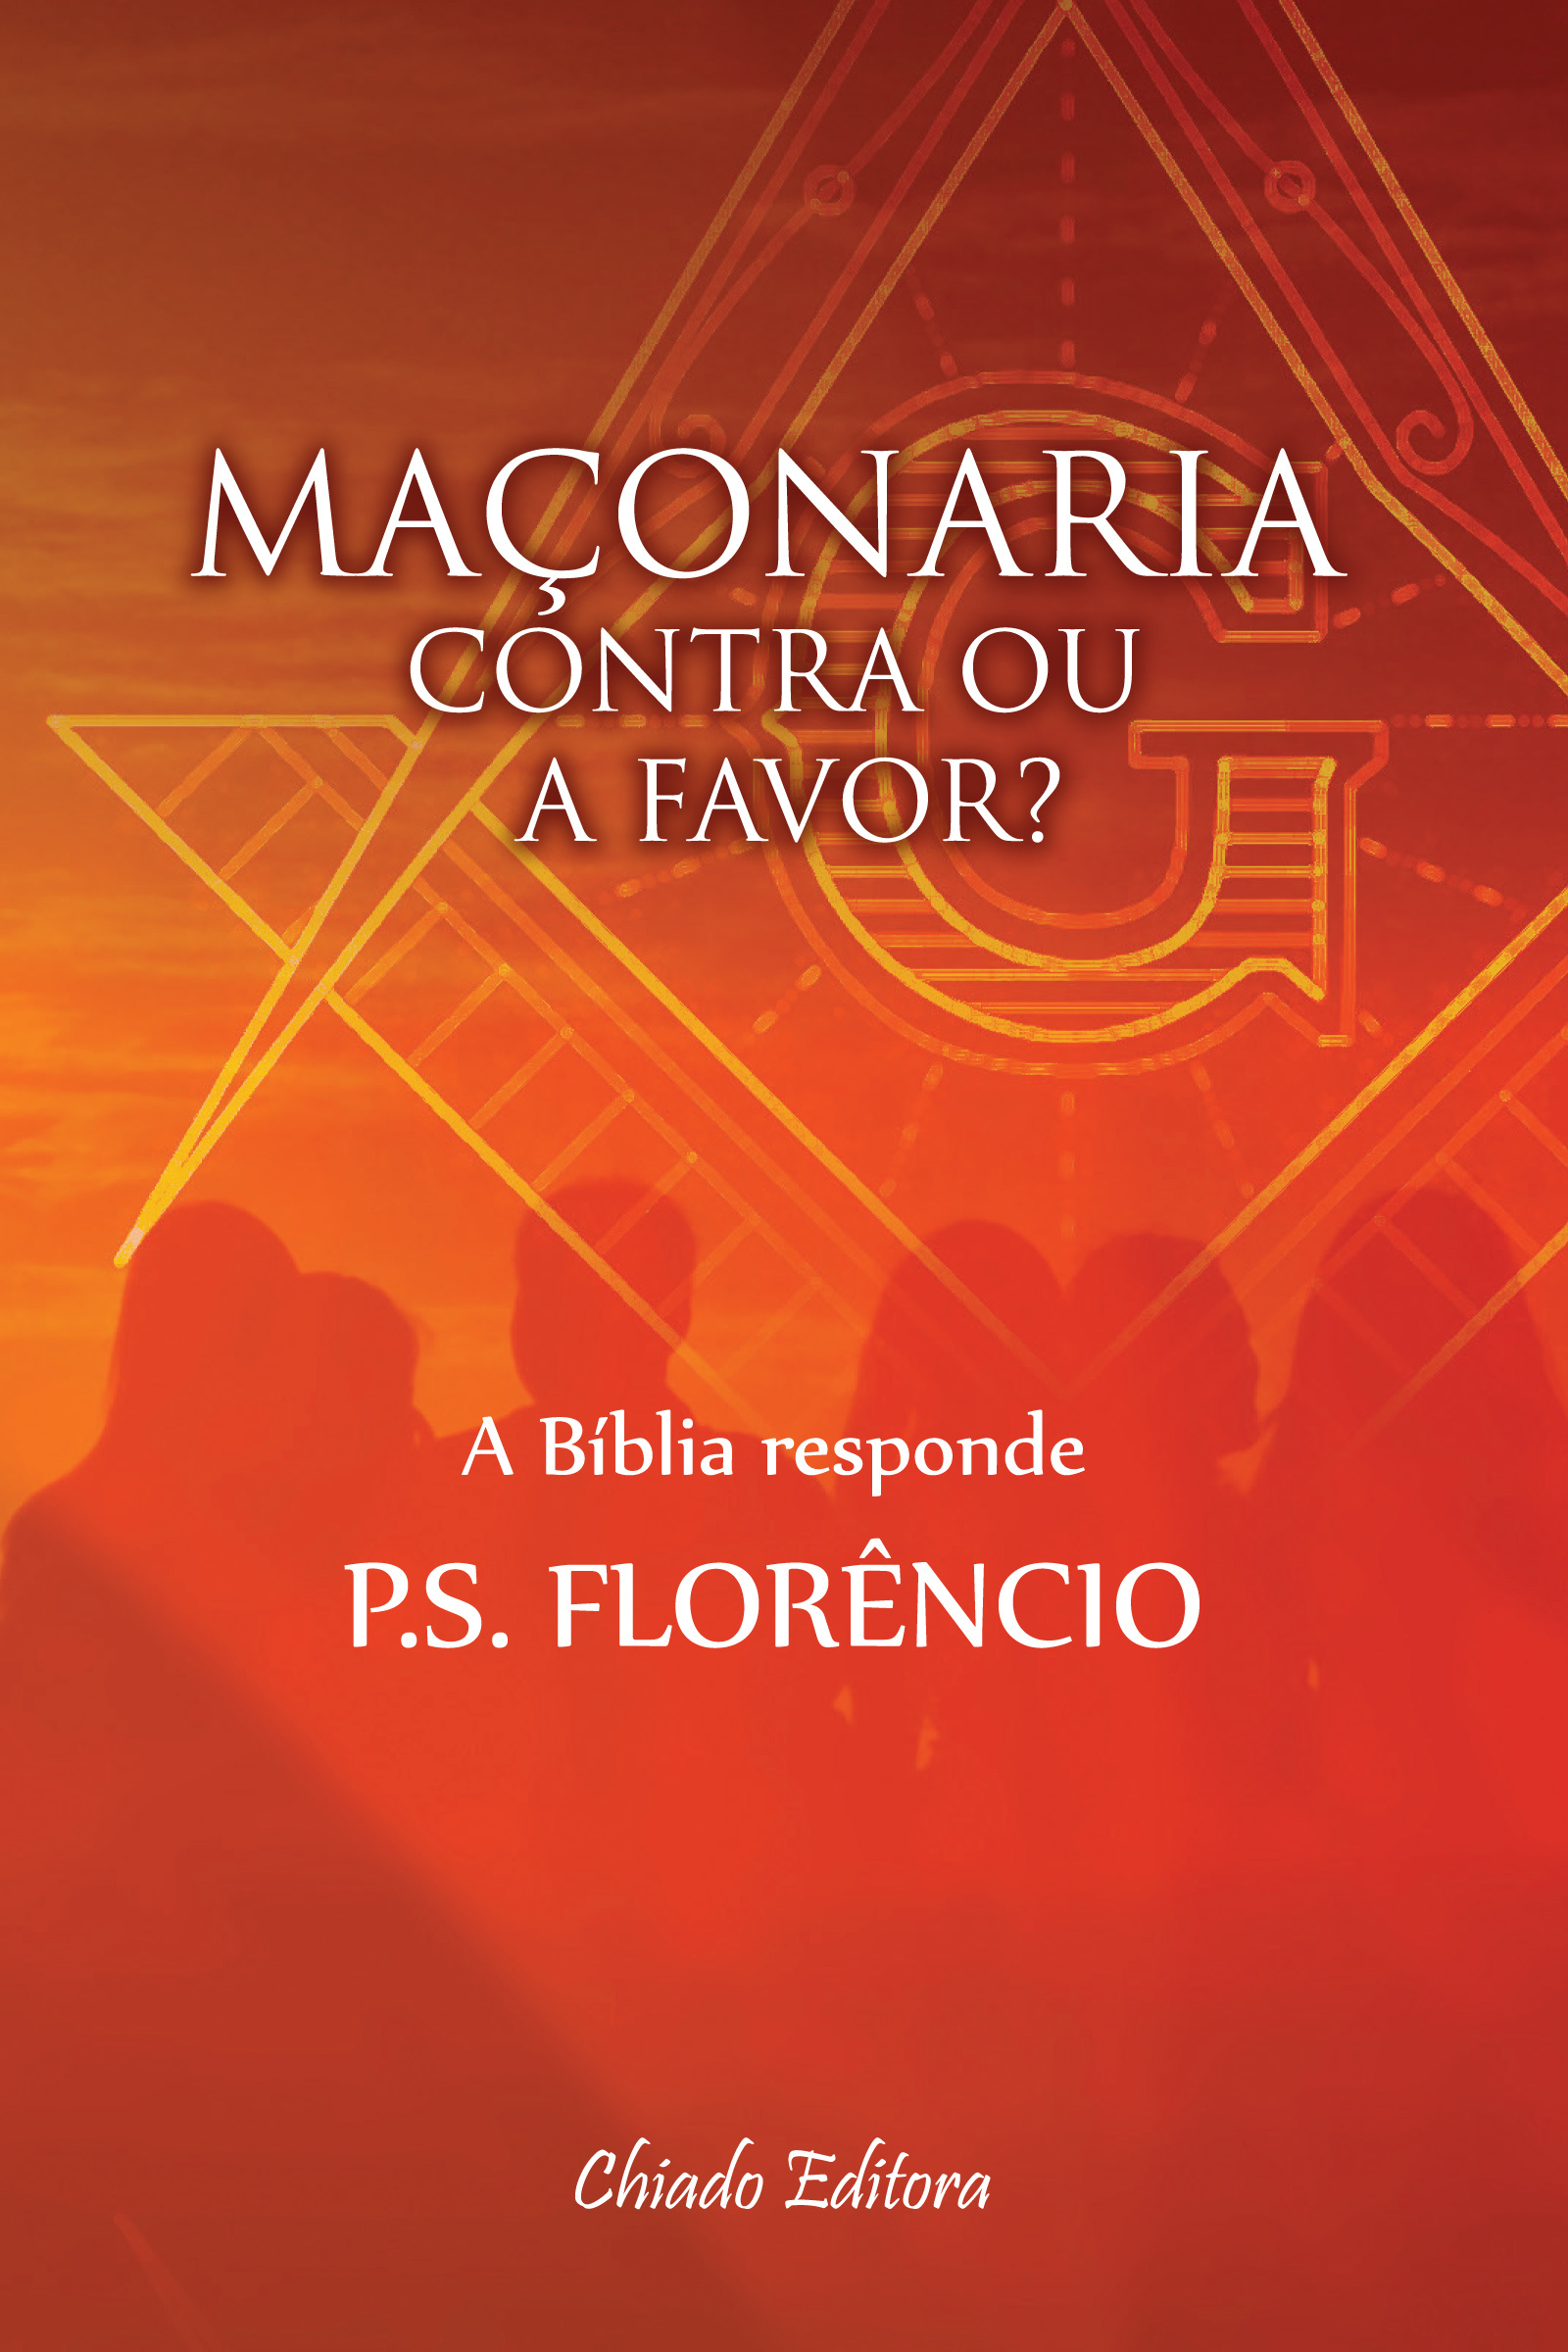 Maçonaria: Contra ou a Favor?  by  P. S. Florêncio